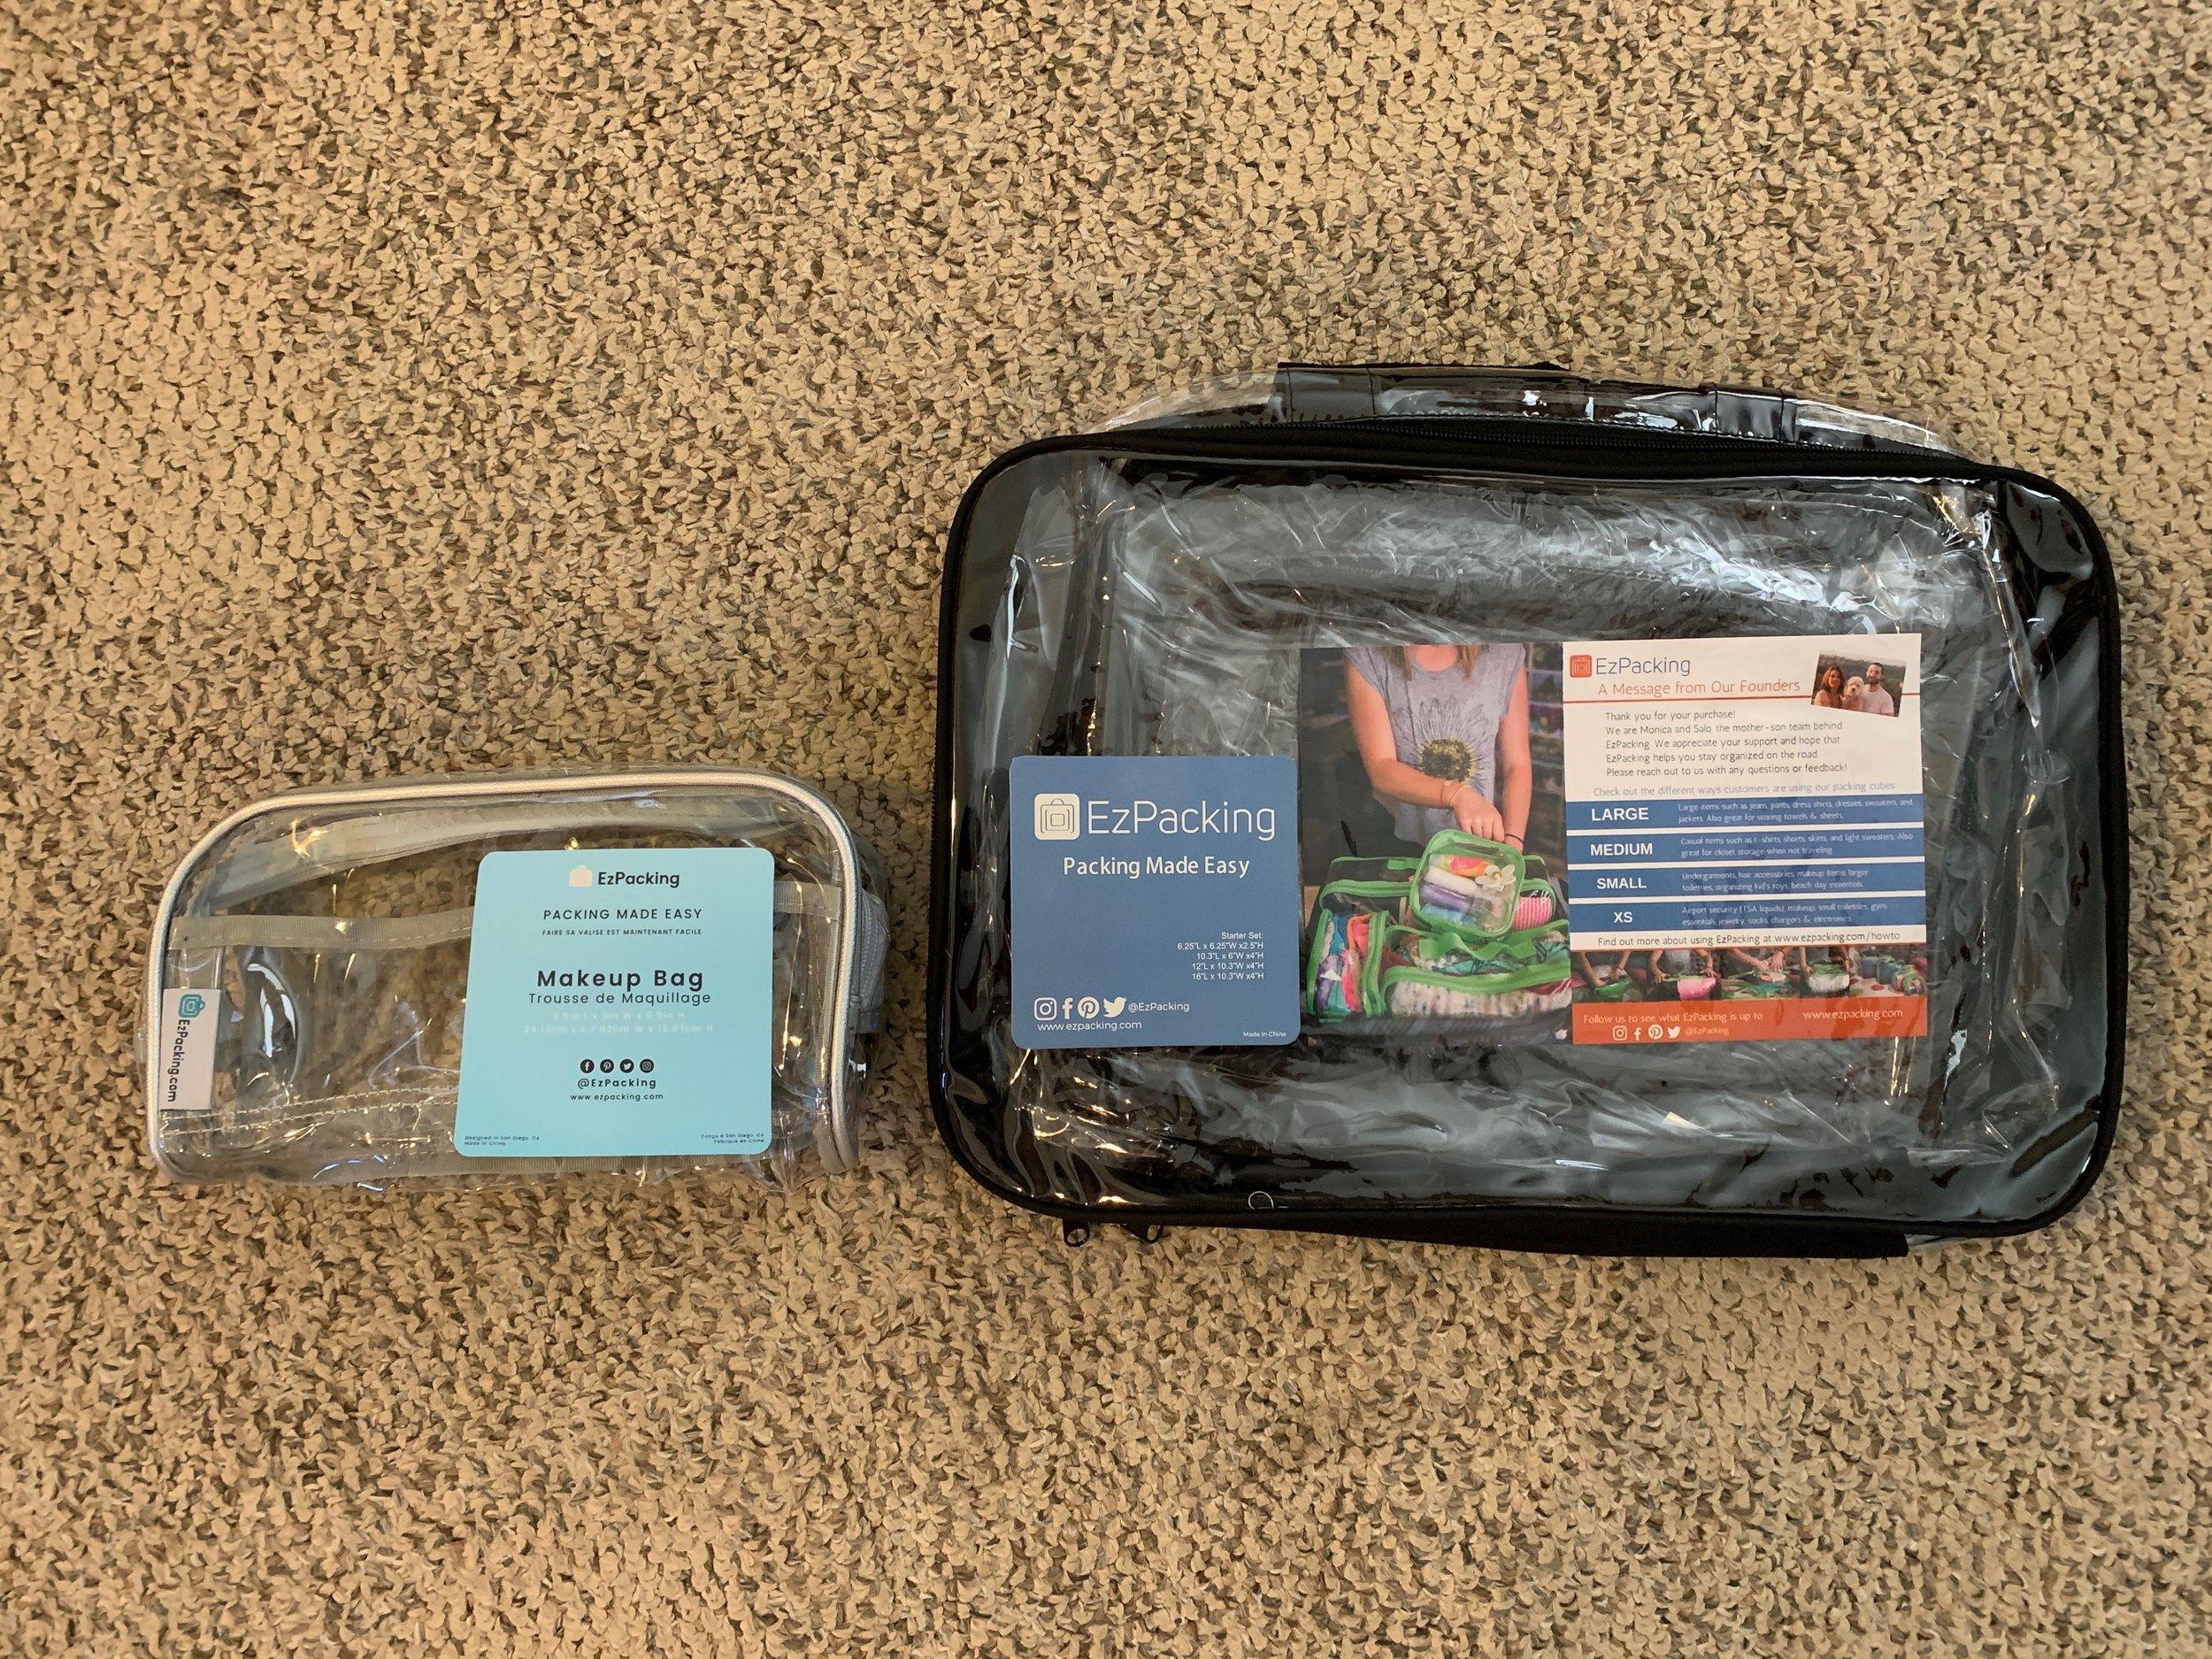 EZ Packing Makeup Bag and Starter Set